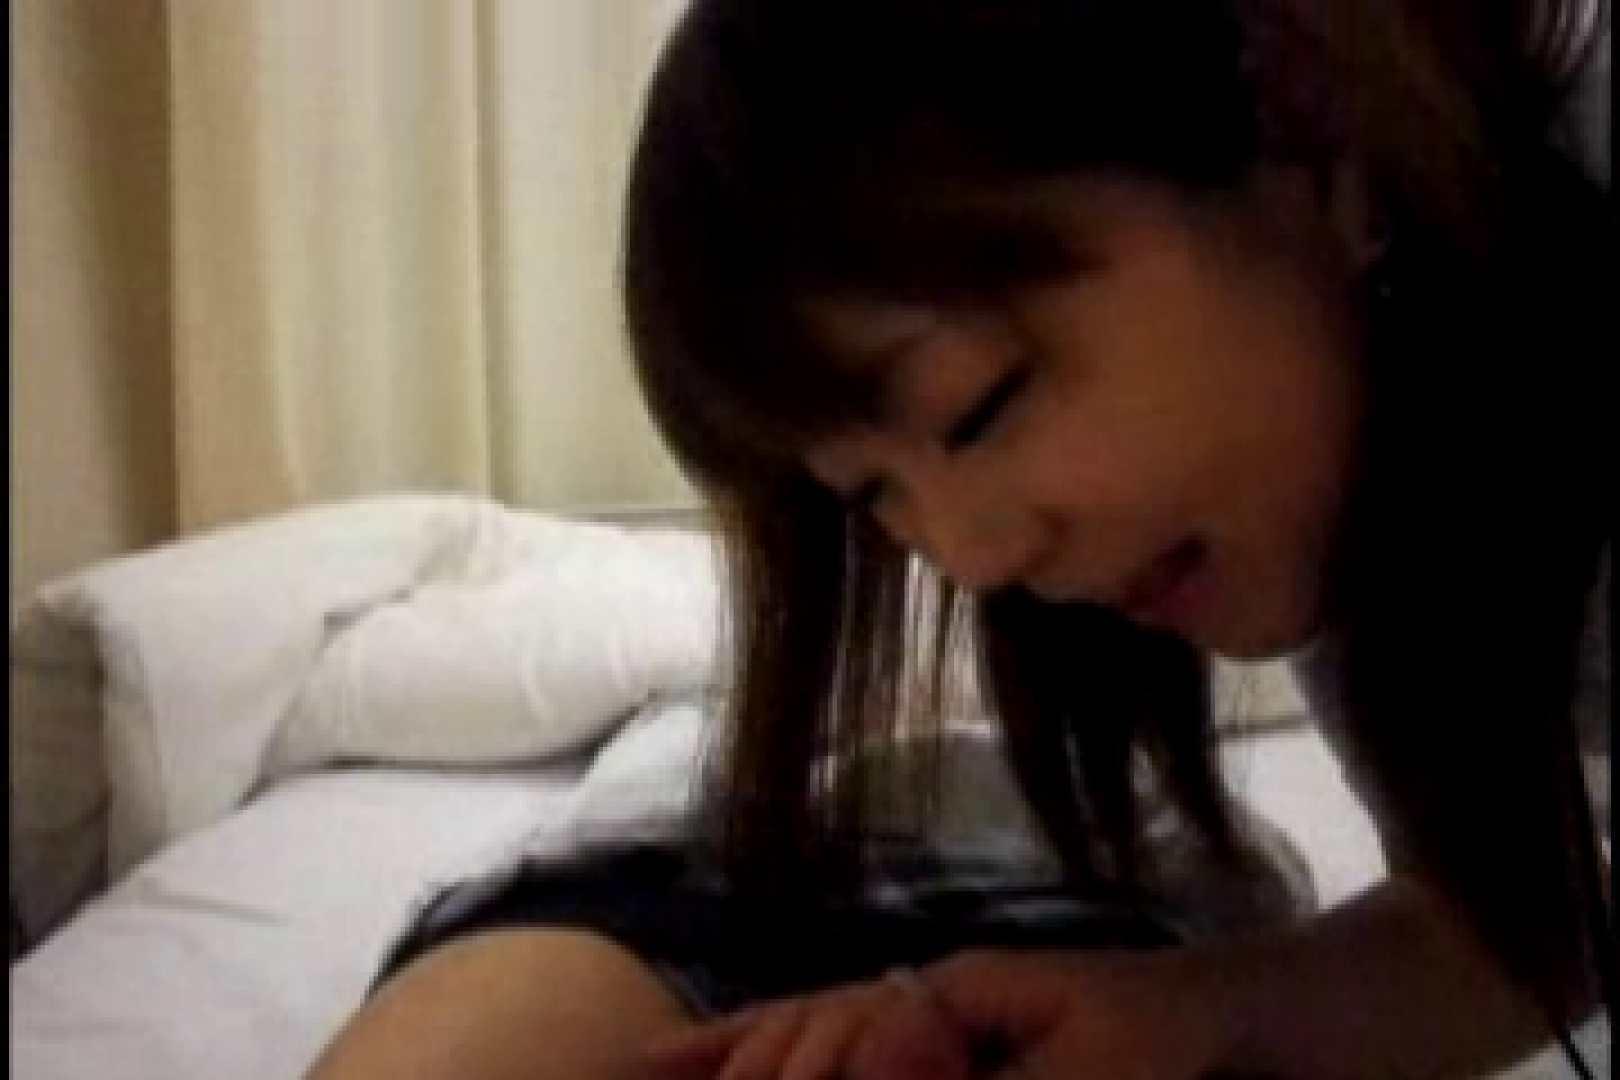 ヤリマンと呼ばれた看護士さんvol1 シックスナイン  98pic 79